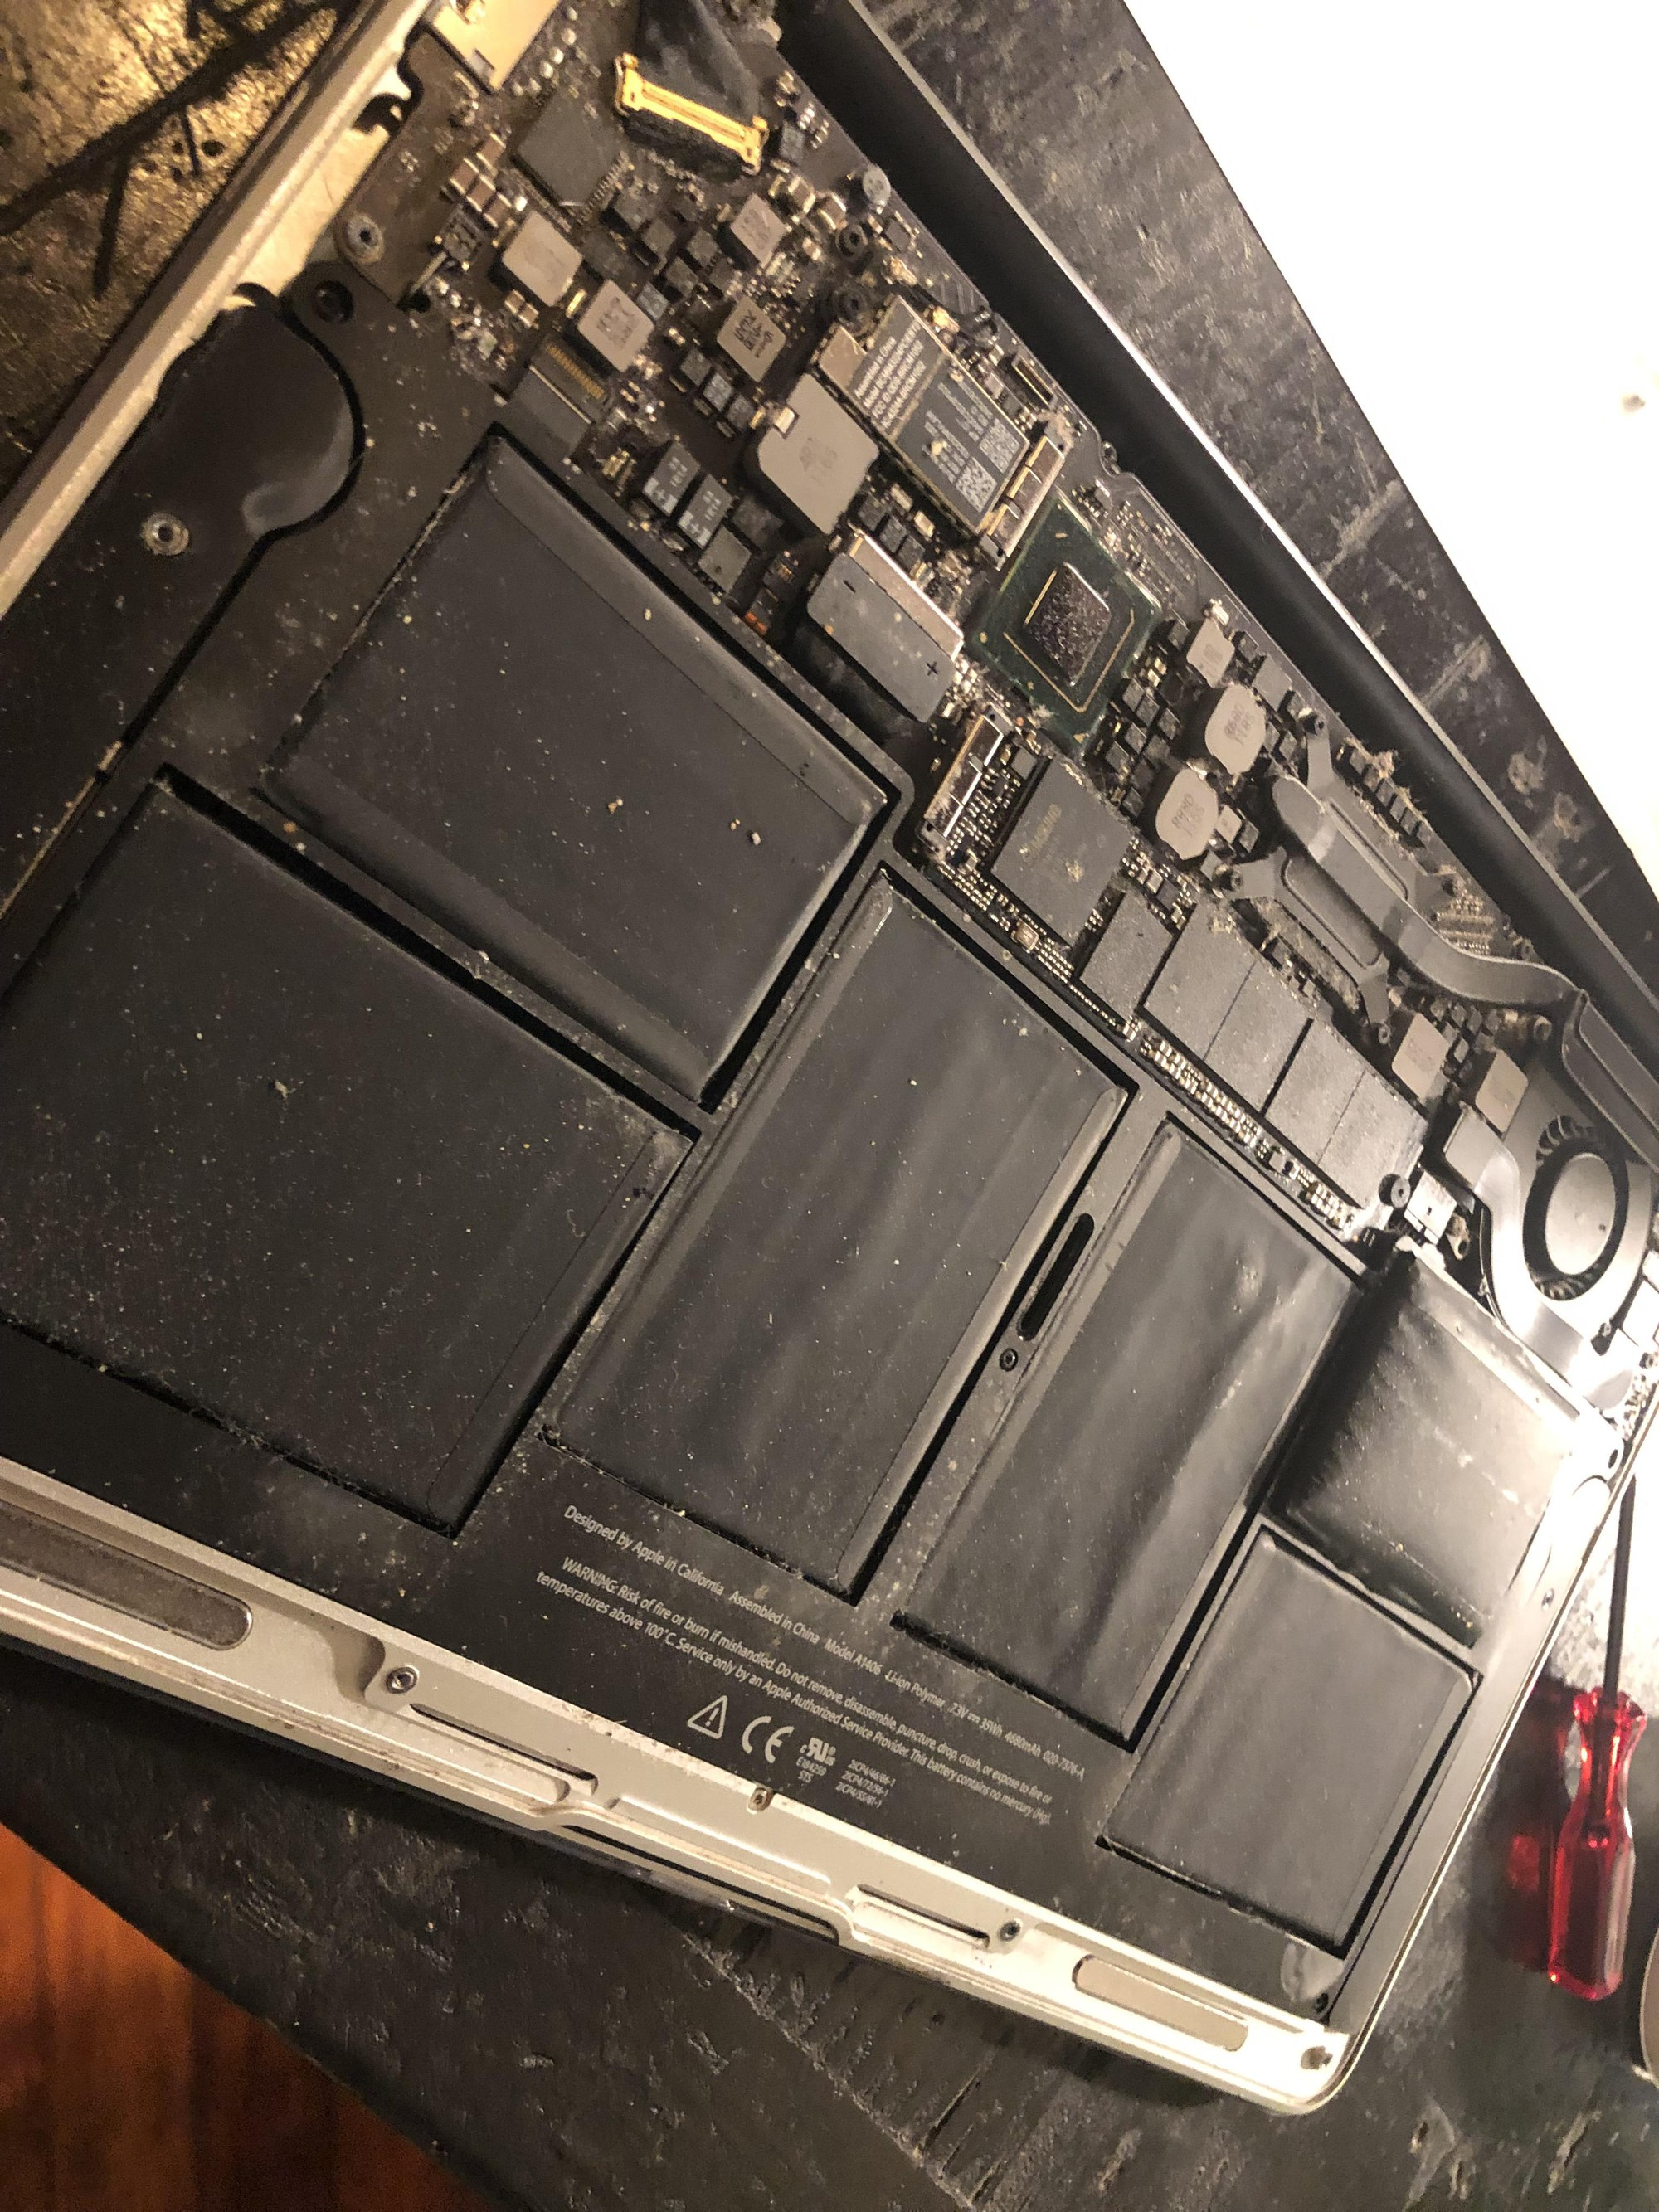 Hiểm họa chết người khi dùng laptop lâu năm không phải ai cũng biết, nhất là những loại như MacBook - Ảnh 1.